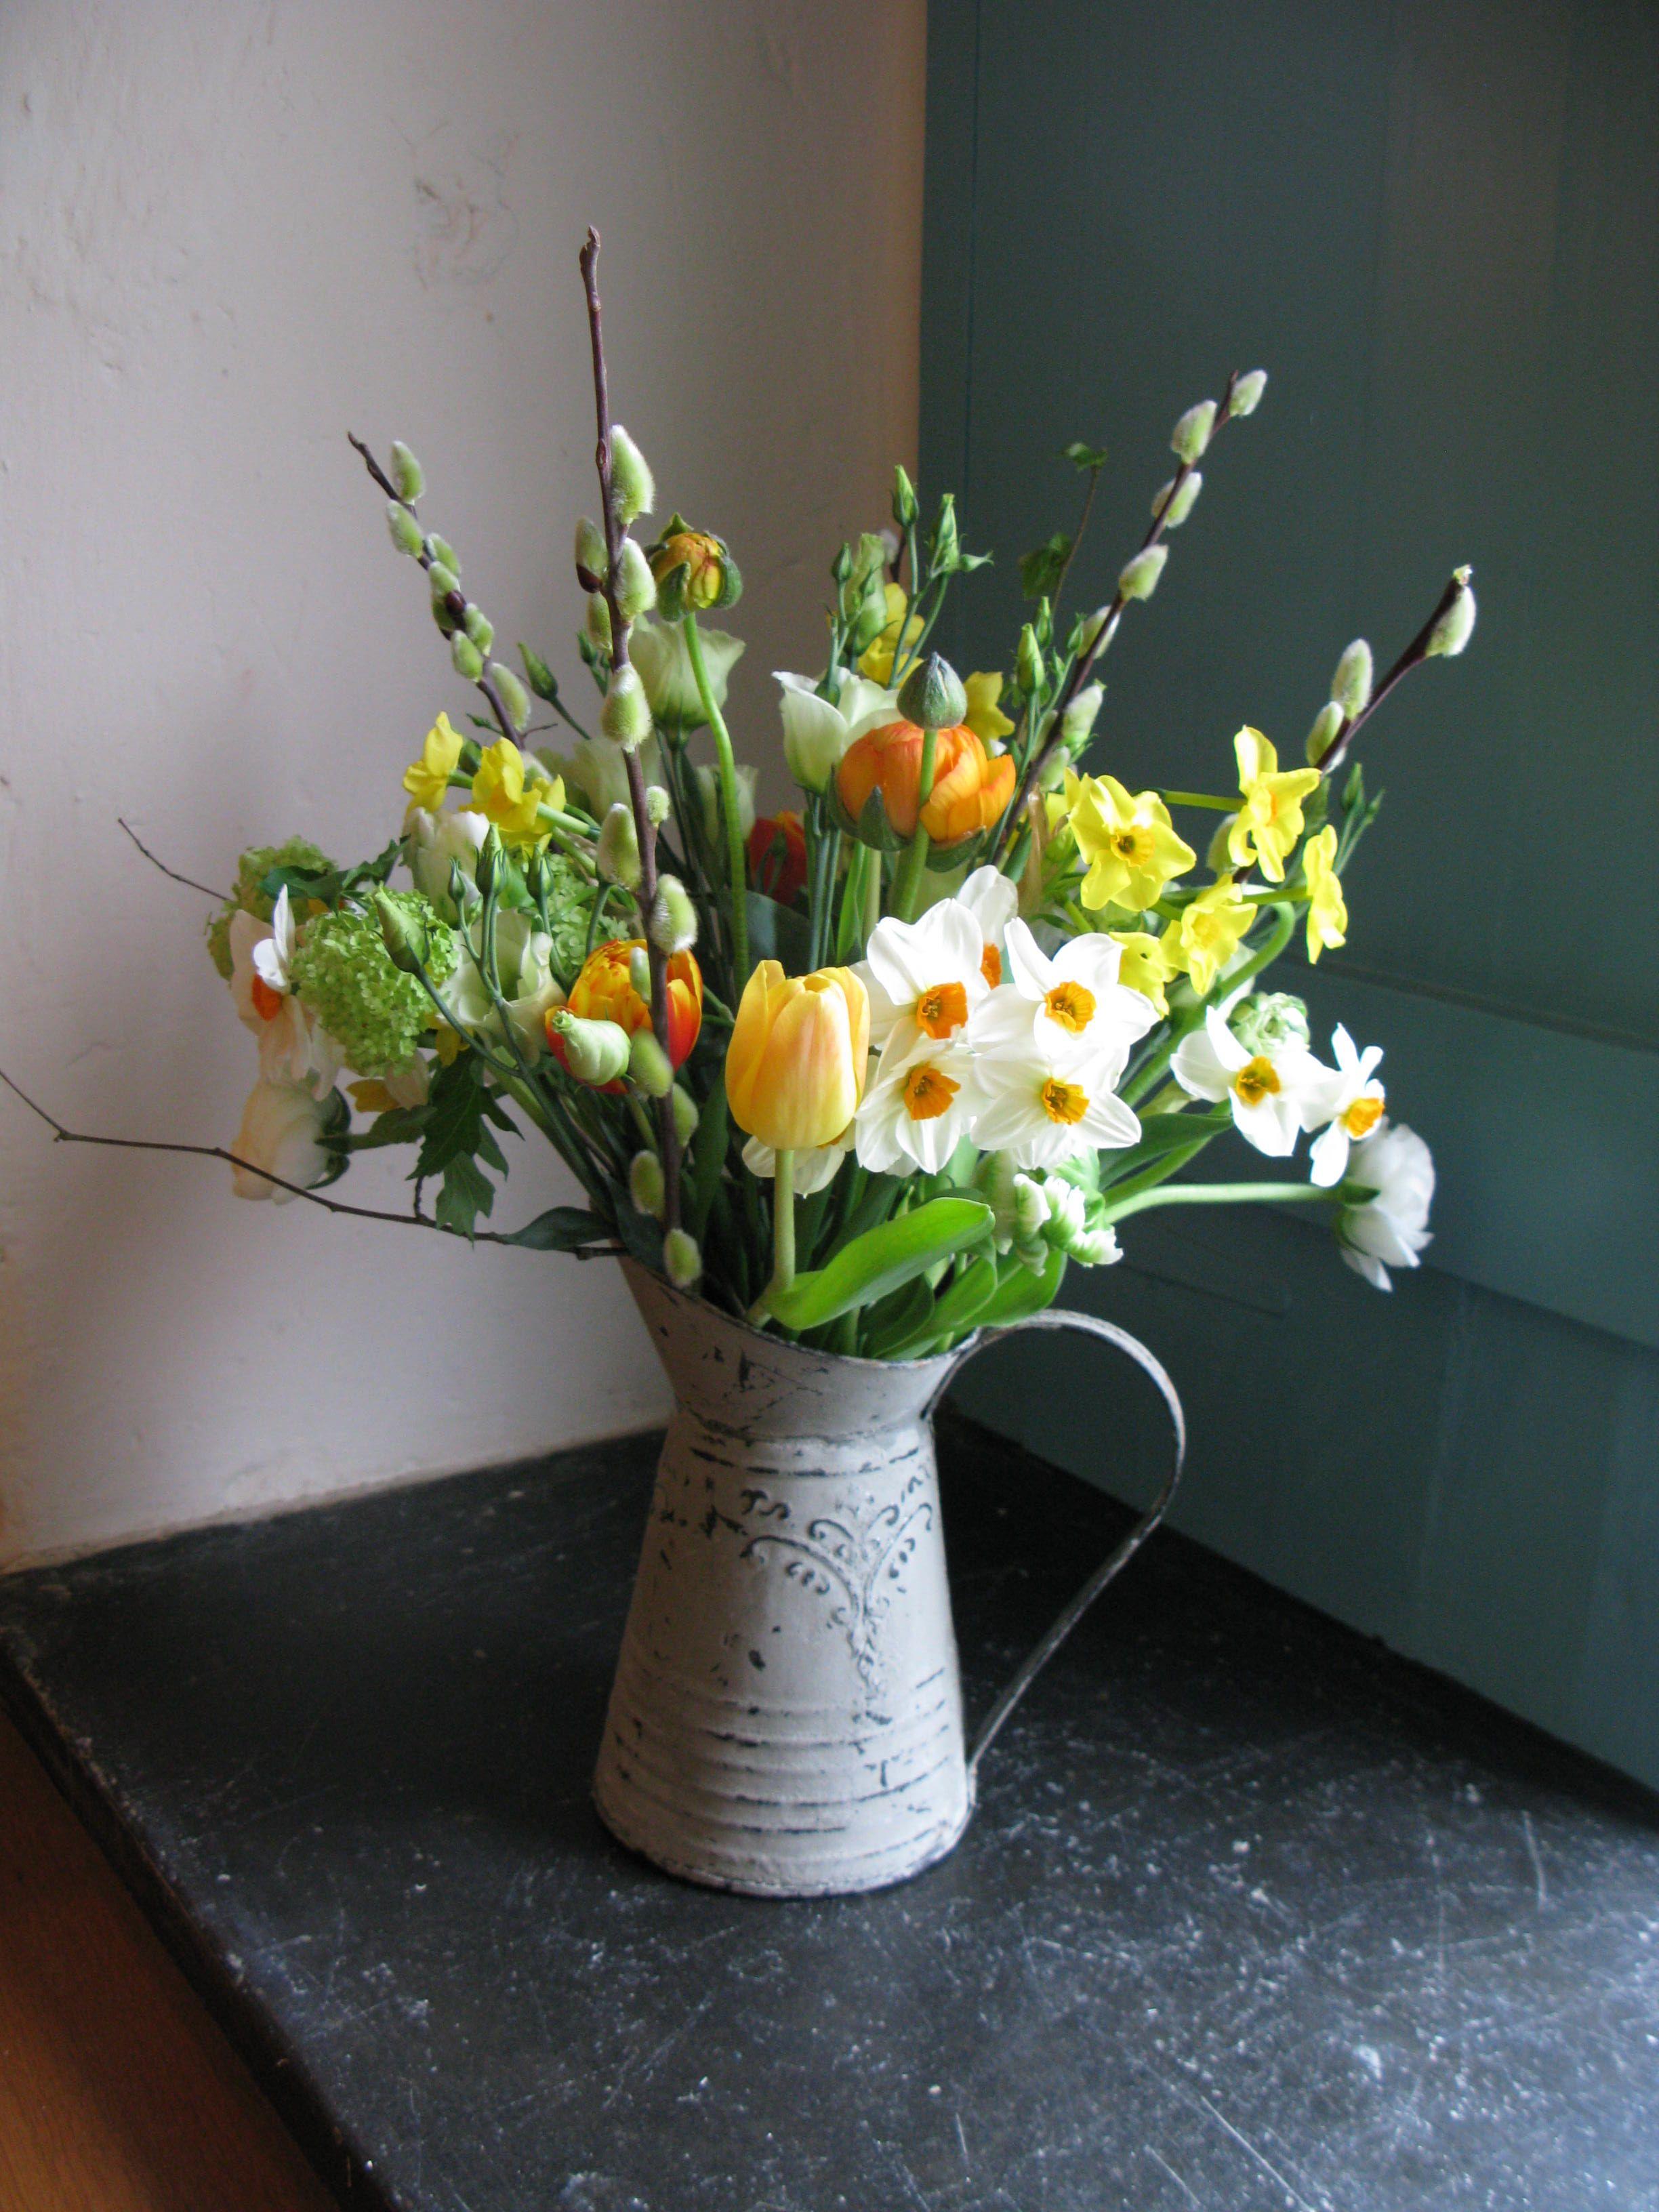 Rustic Metal Jugs Filled With Seasonal Spring Flowers In Oranges